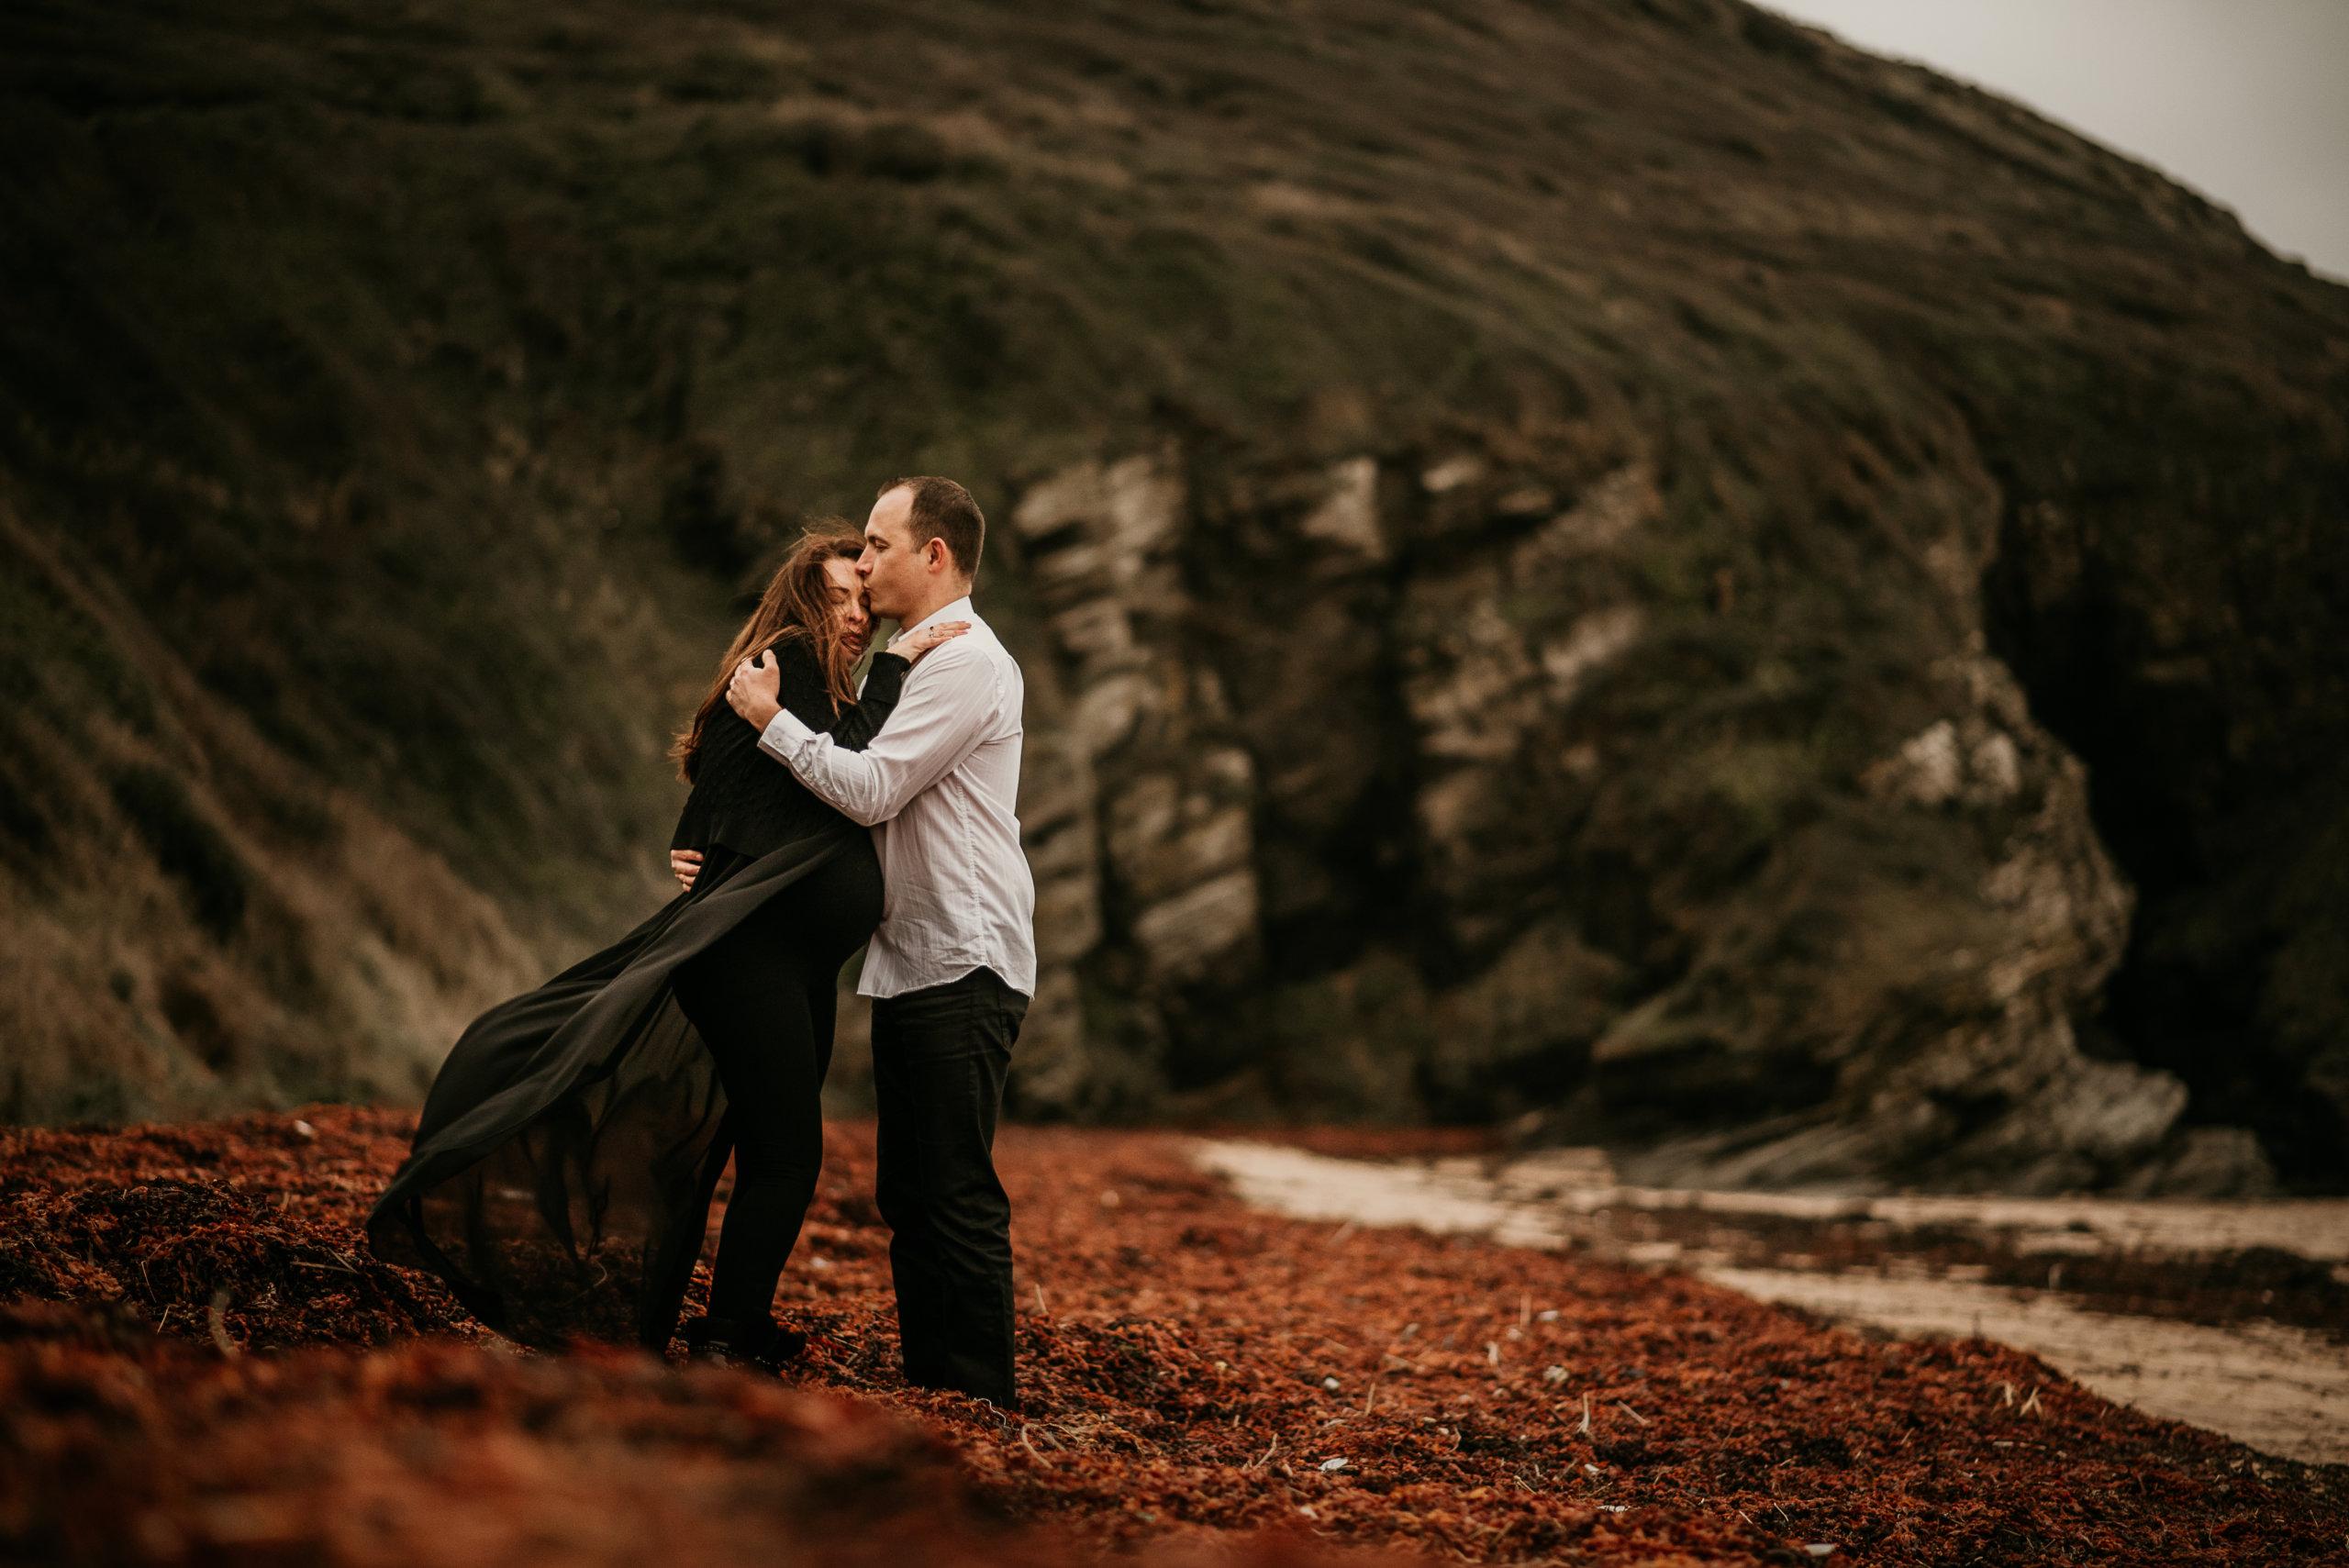 eirin photography photographe photos grossesse